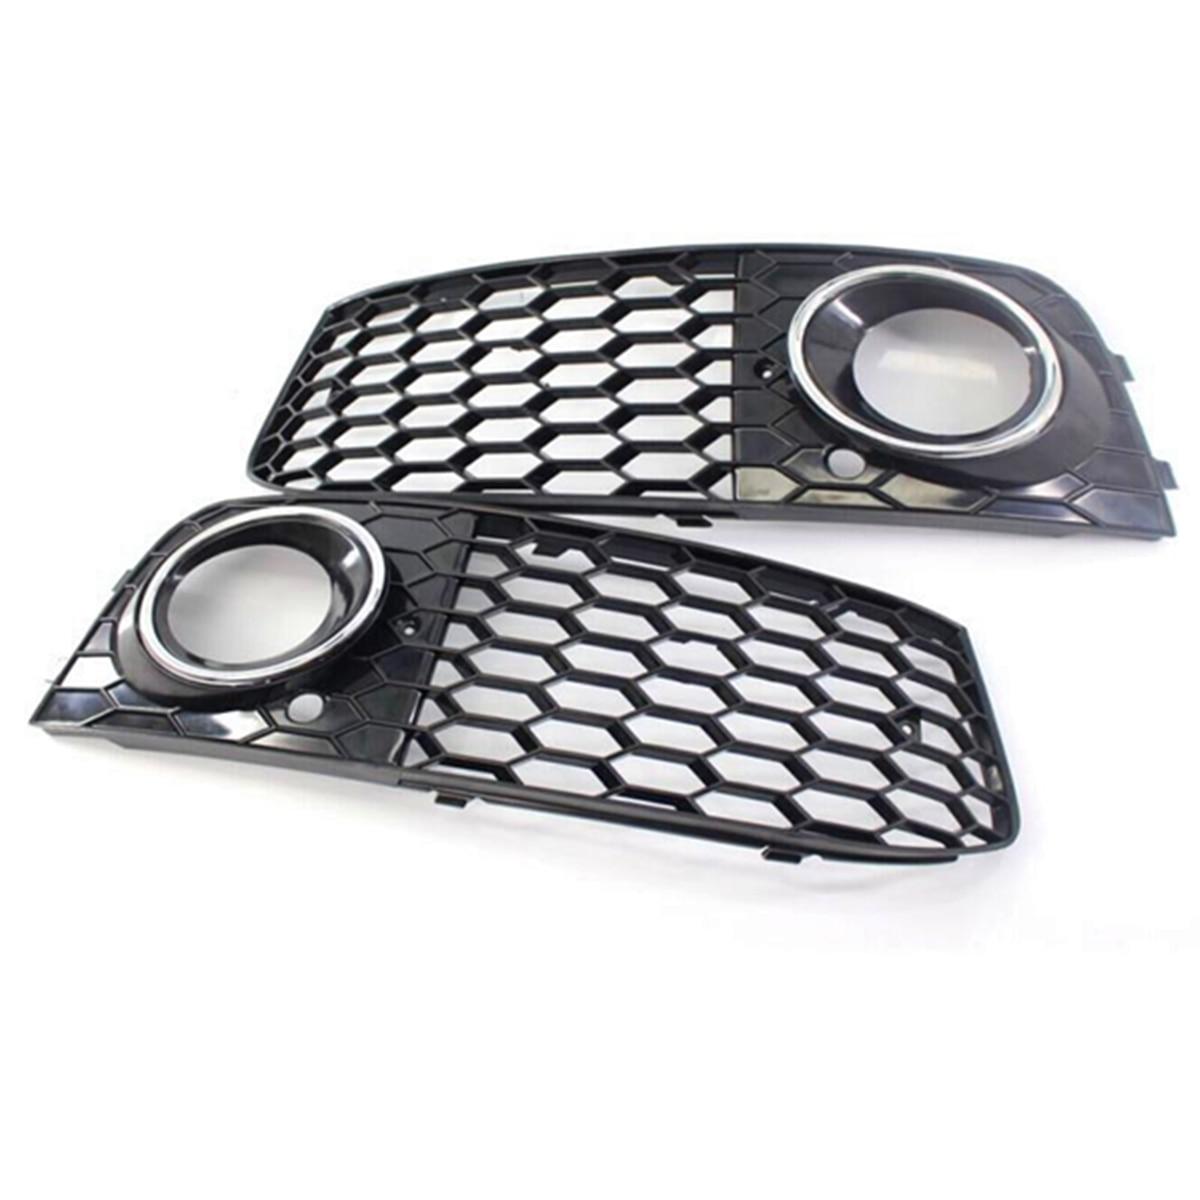 1 paire voiture A4 couverture antibrouillard Grille gril nid d'abeille maille antibrouillard lampe ouverte Grille d'aération pour Audi A4 B8 RS4 Style 2009-2012 - 3